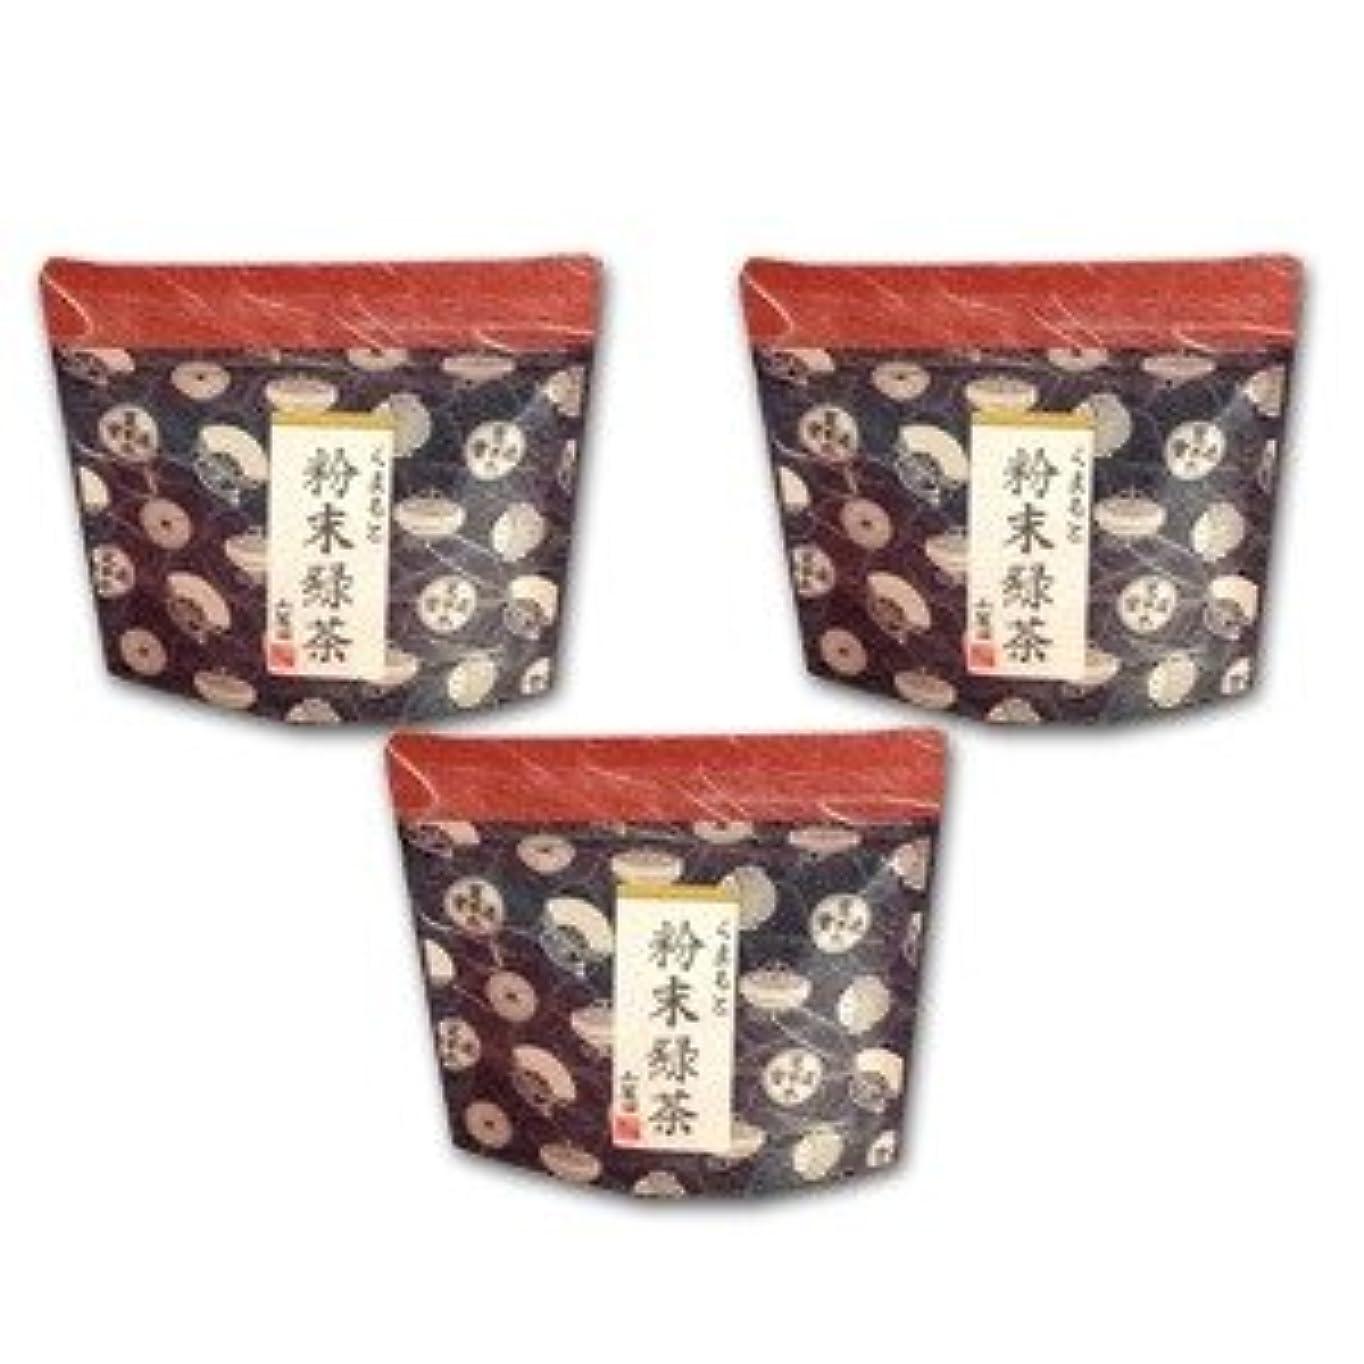 名声後方に関税粉末緑茶(粉末煎茶) 熊本産のお茶 石臼挽き 50g×3個セット